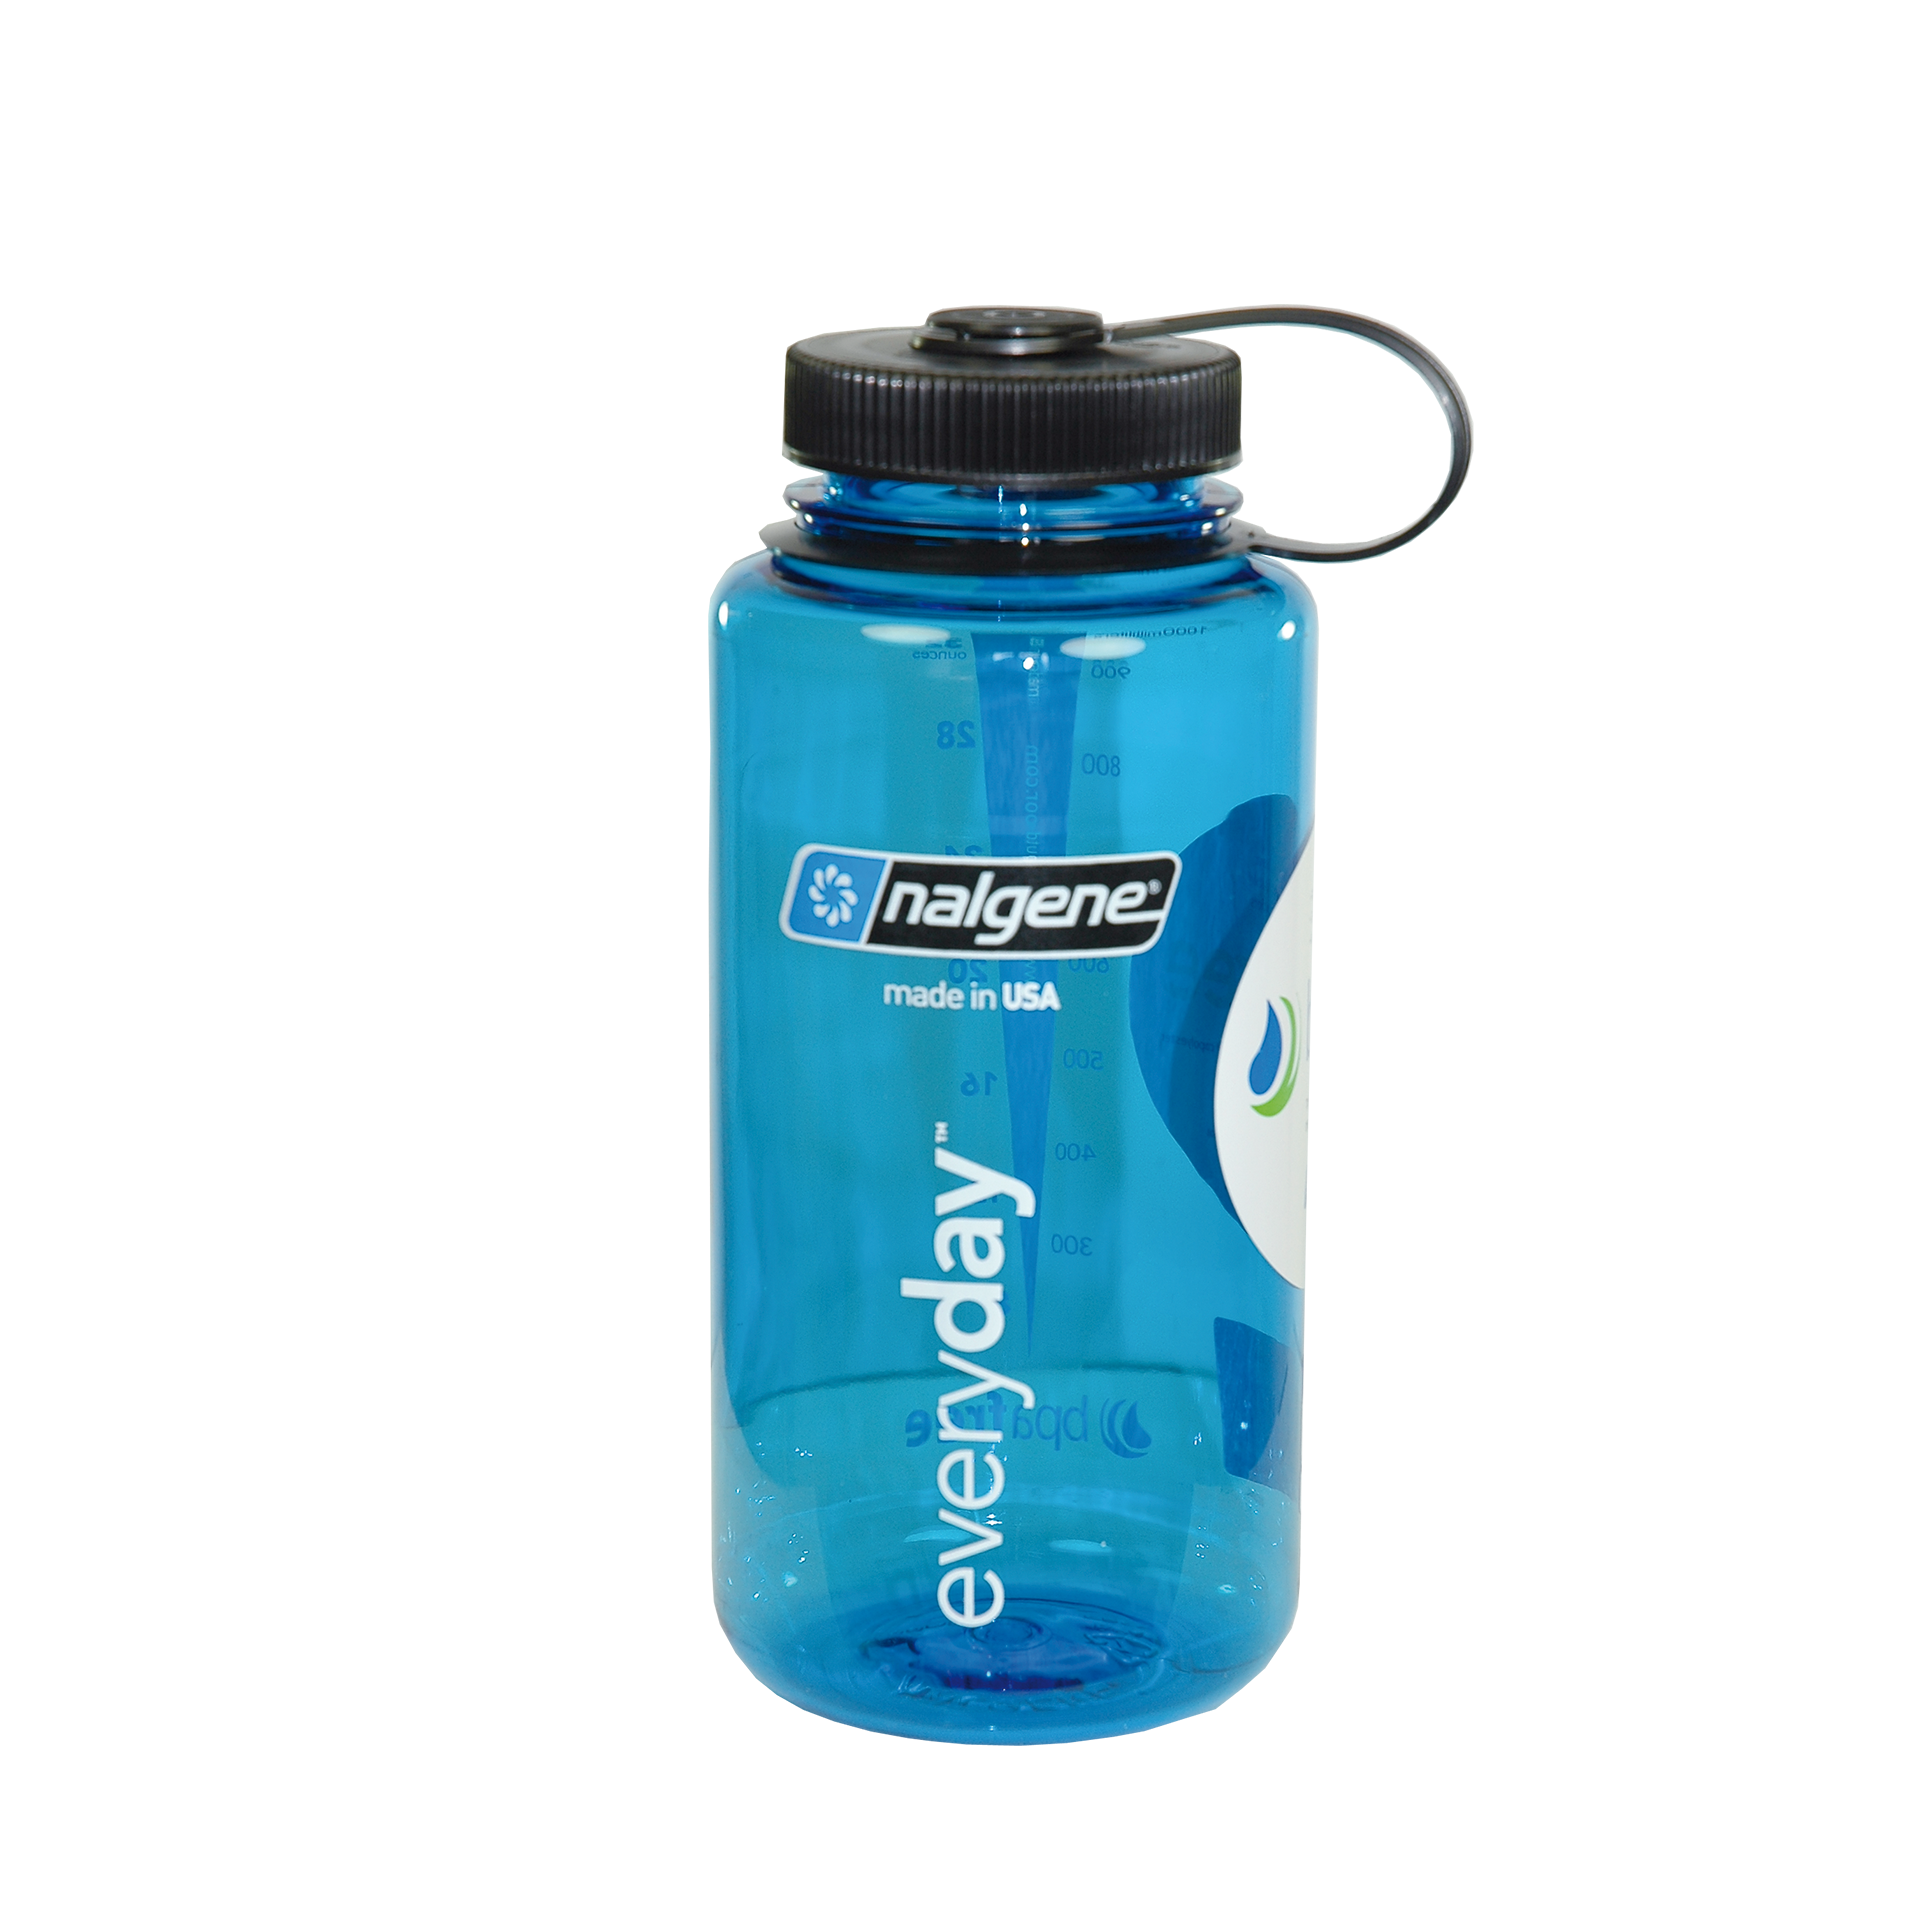 """Nalgene Everyday Trinkflasche """"weithals"""" bpa-frei, 1,0 Liter"""